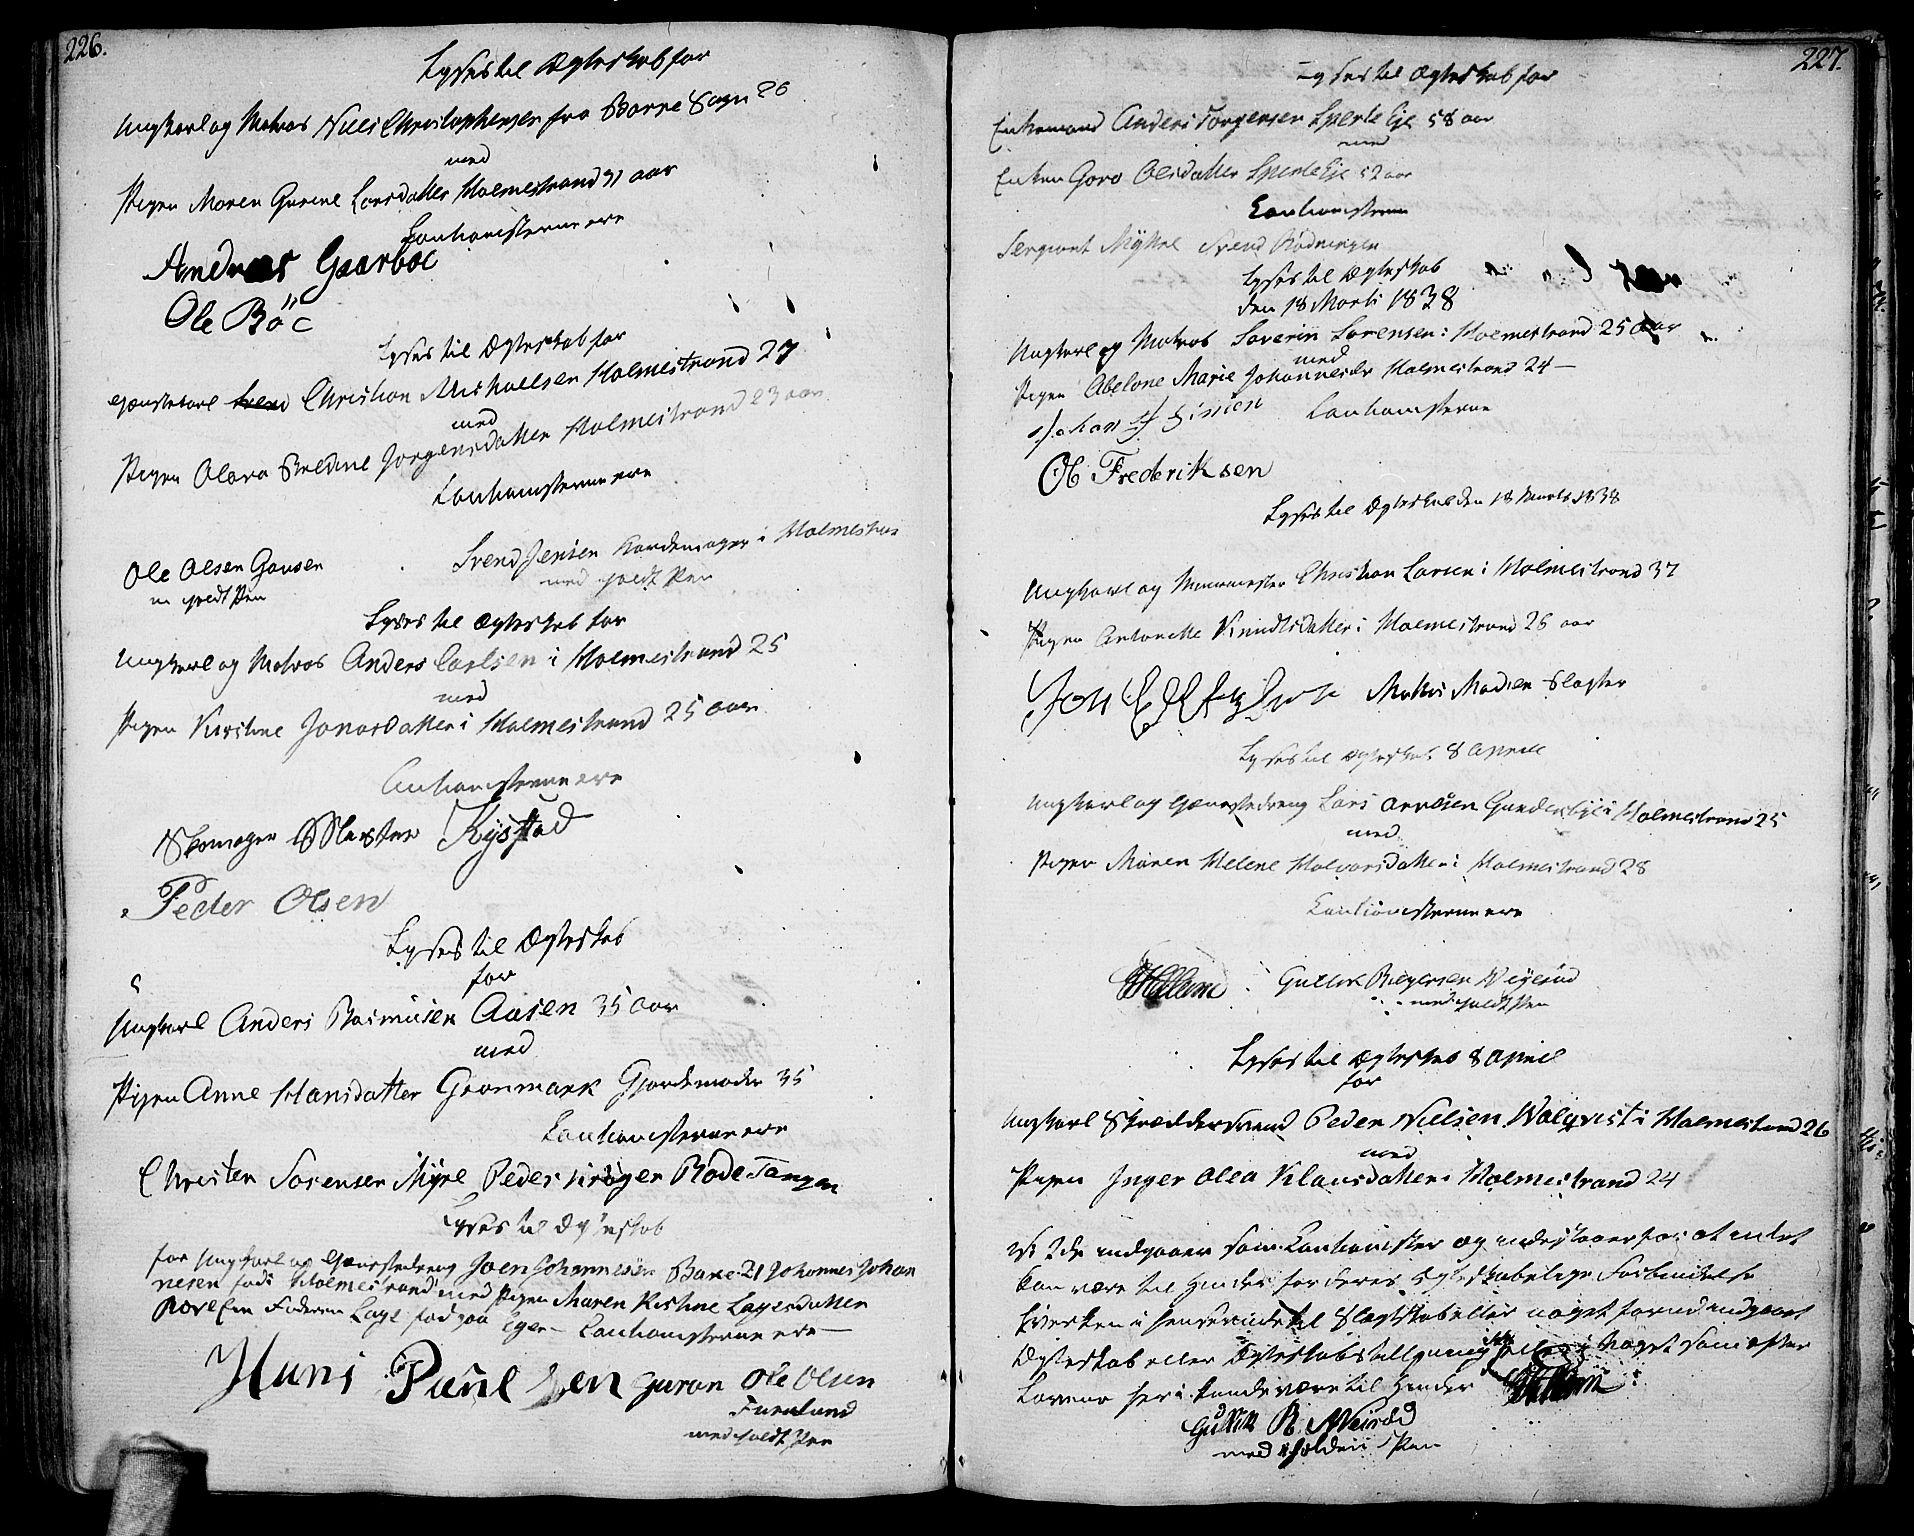 SAKO, Botne kirkebøker, F/Fa/L0003: Ministerialbok nr. I 3 /1, 1792-1844, s. 226-227